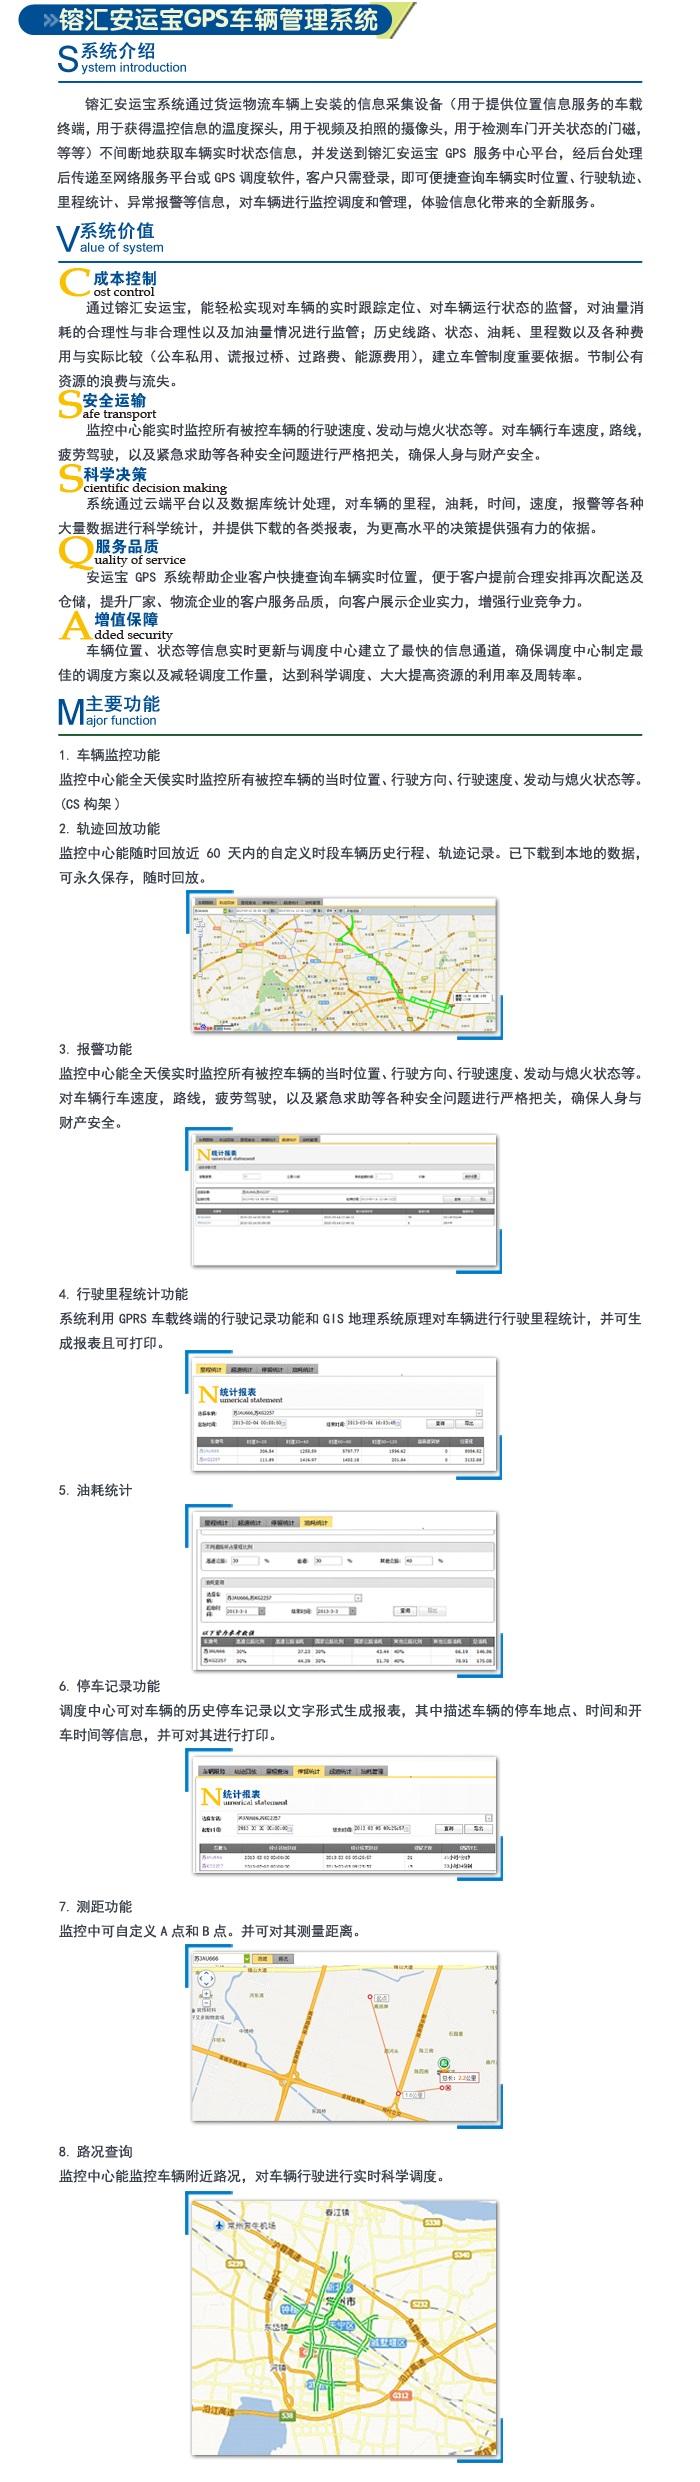 镕汇GPS汽车行驶记录仪寻求合作代理